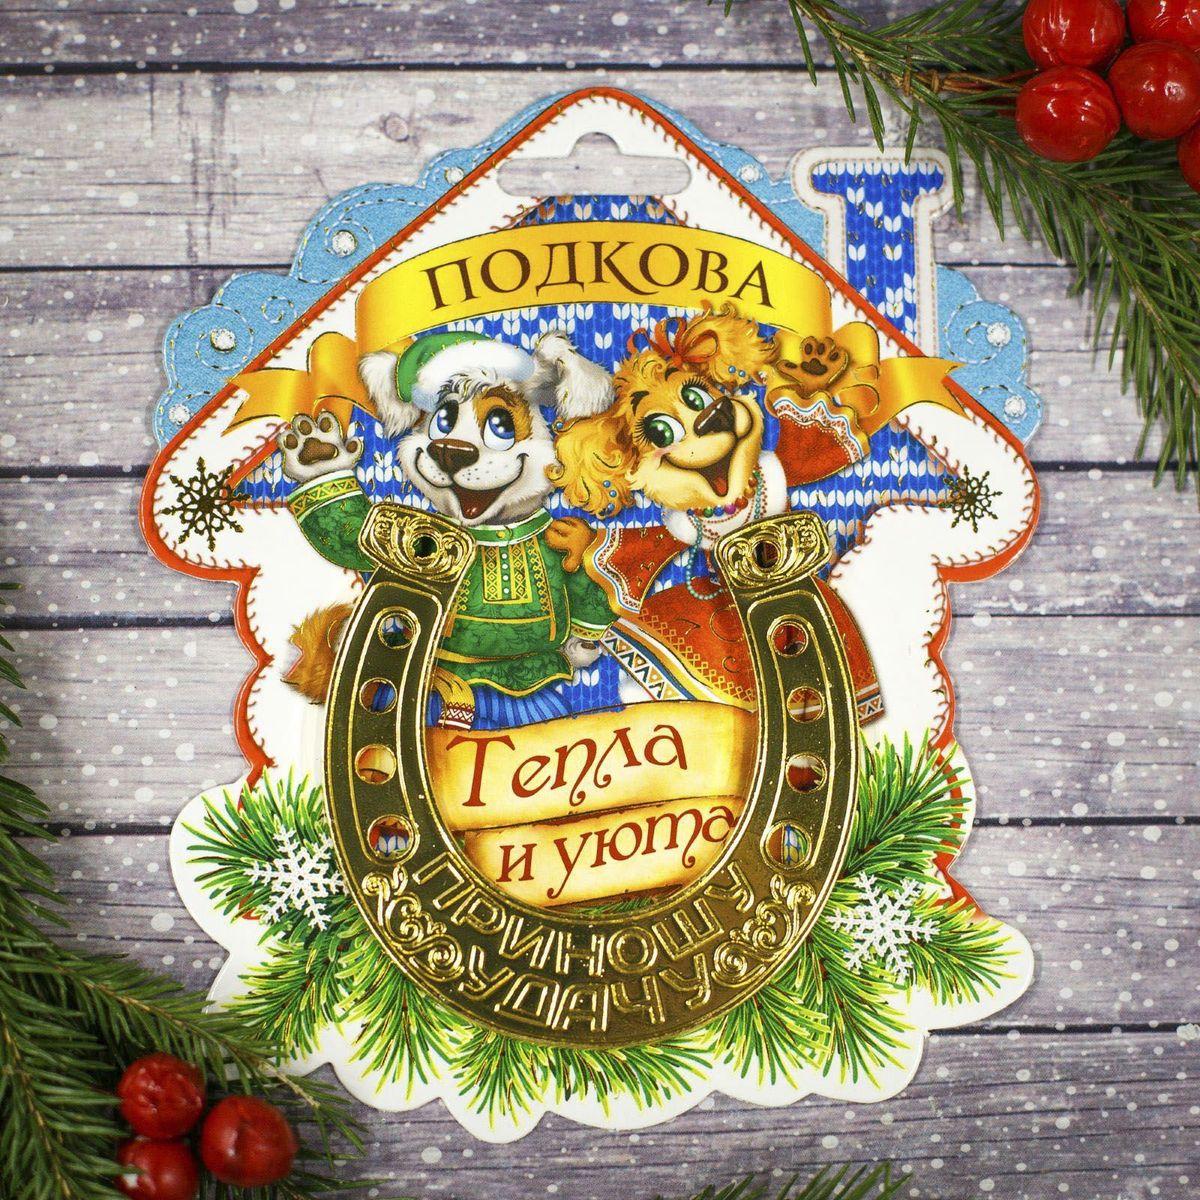 Подкова на подложке Sima-land Тепла и уюта, 7 см, цвет: голубой2268609Приближаются самые добрые и долгожданные праздники — Новый год и Рождество И каждого из нас ждет оригинальный и полезный подарок. Обереги или талисманы — это чудесные сувениры, способные привлечь счастье, успех и достаток, стоит лишь расположить их на рабочем столе дома или в офисе! Или носить с собой в качестве оберега. Такие подарки прекрасно впишутся в любой интерьер и станут отличным атрибутом праздника, а также станут отличным оберегом своего хозяина.